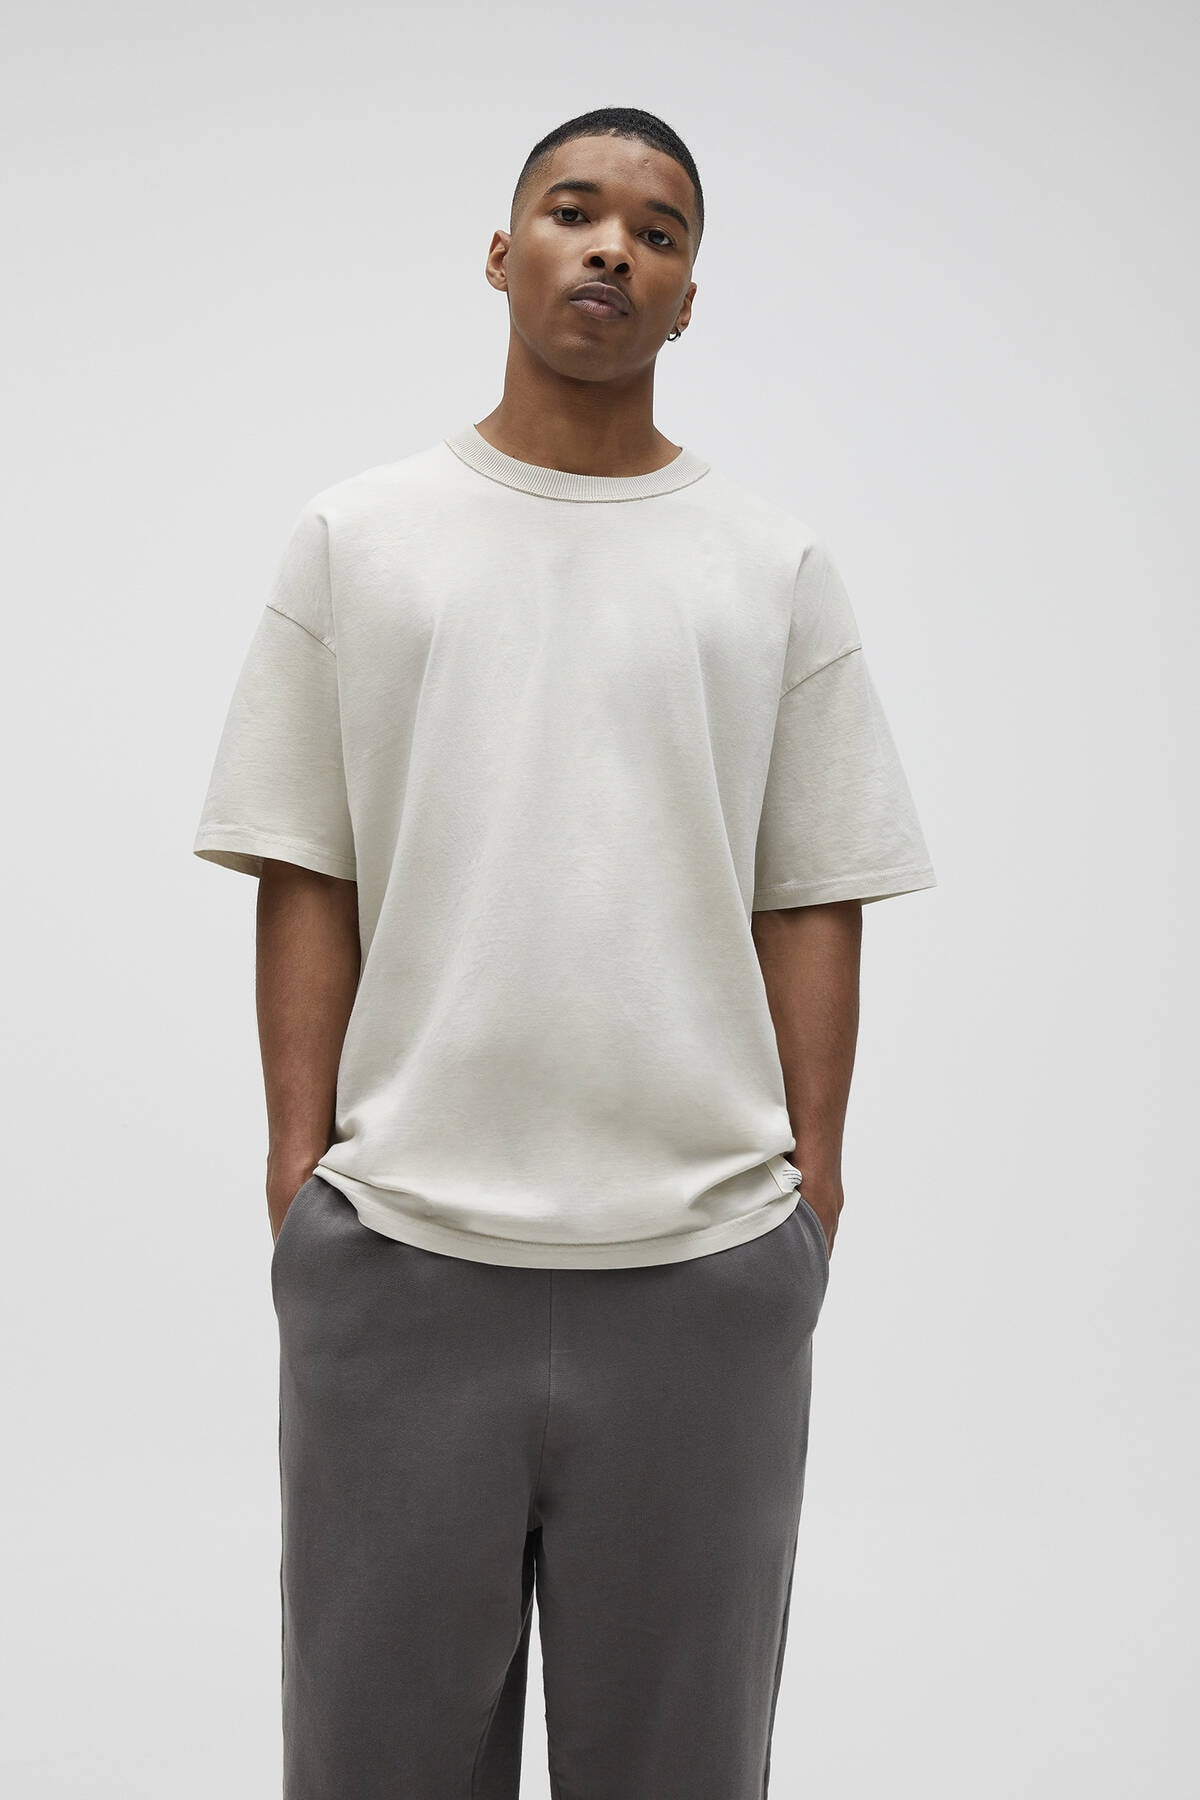 Pull & Bear Erkek Kemik Basic Loose Fit T-Shirt 04241517 0